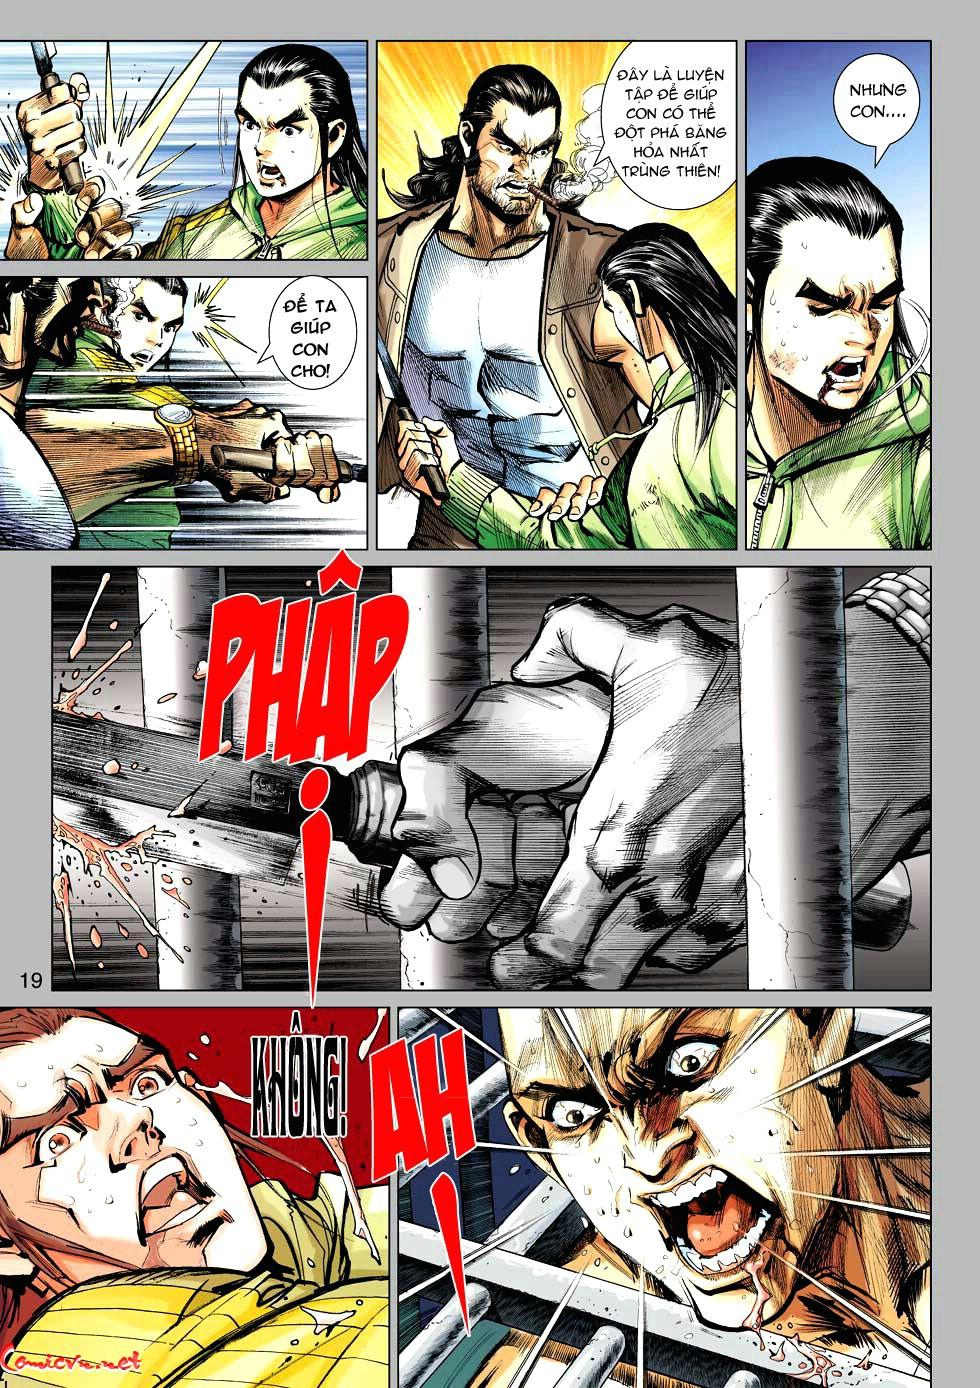 Vương Phong Lôi 1 chap 34 - Trang 19